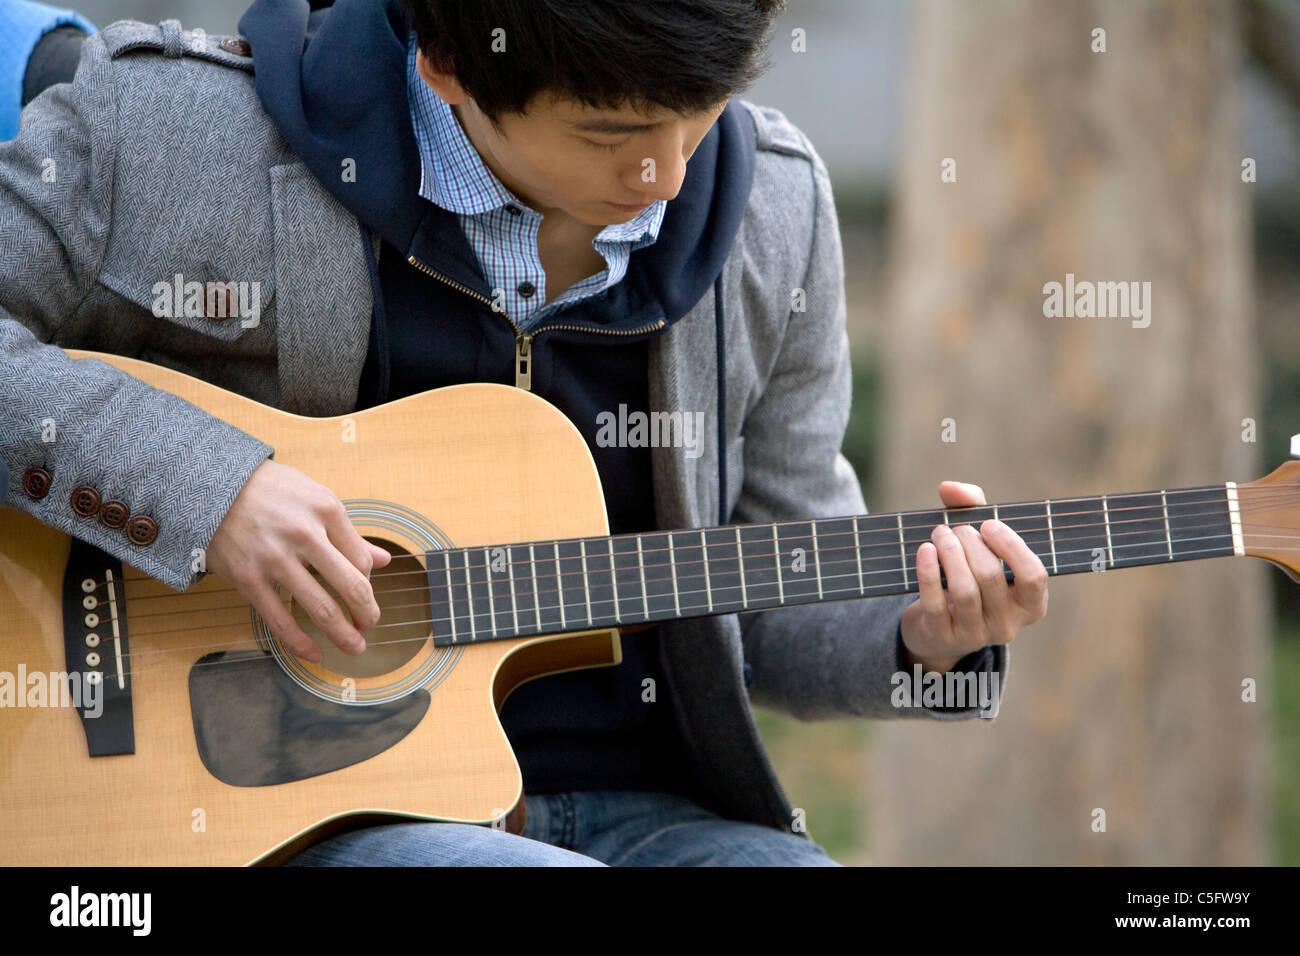 Ein junger Mann, eine Gitarre, draußen spielen Stockbild